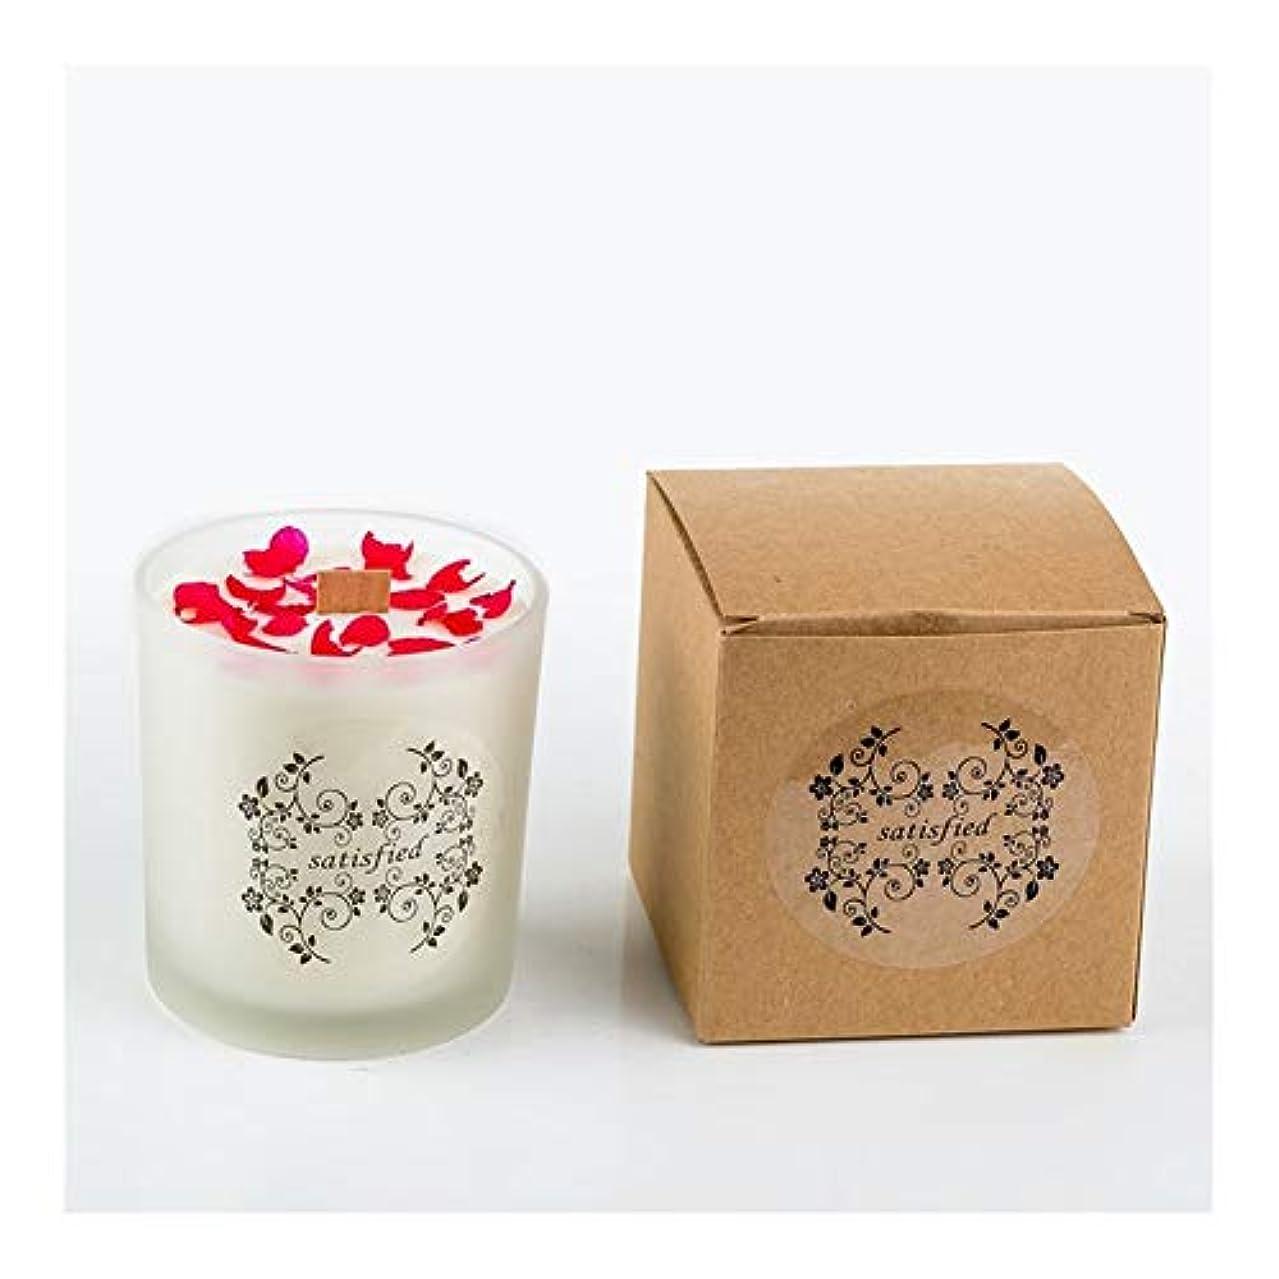 ドロップオン上下するZtian ロマンチックな香りのキャンドルエッセンシャルオイル大豆ワックスガラスアロマセラピーロマンチックな誕生日ギフトの提案無煙の香り (色 : Xiang Xuelan)